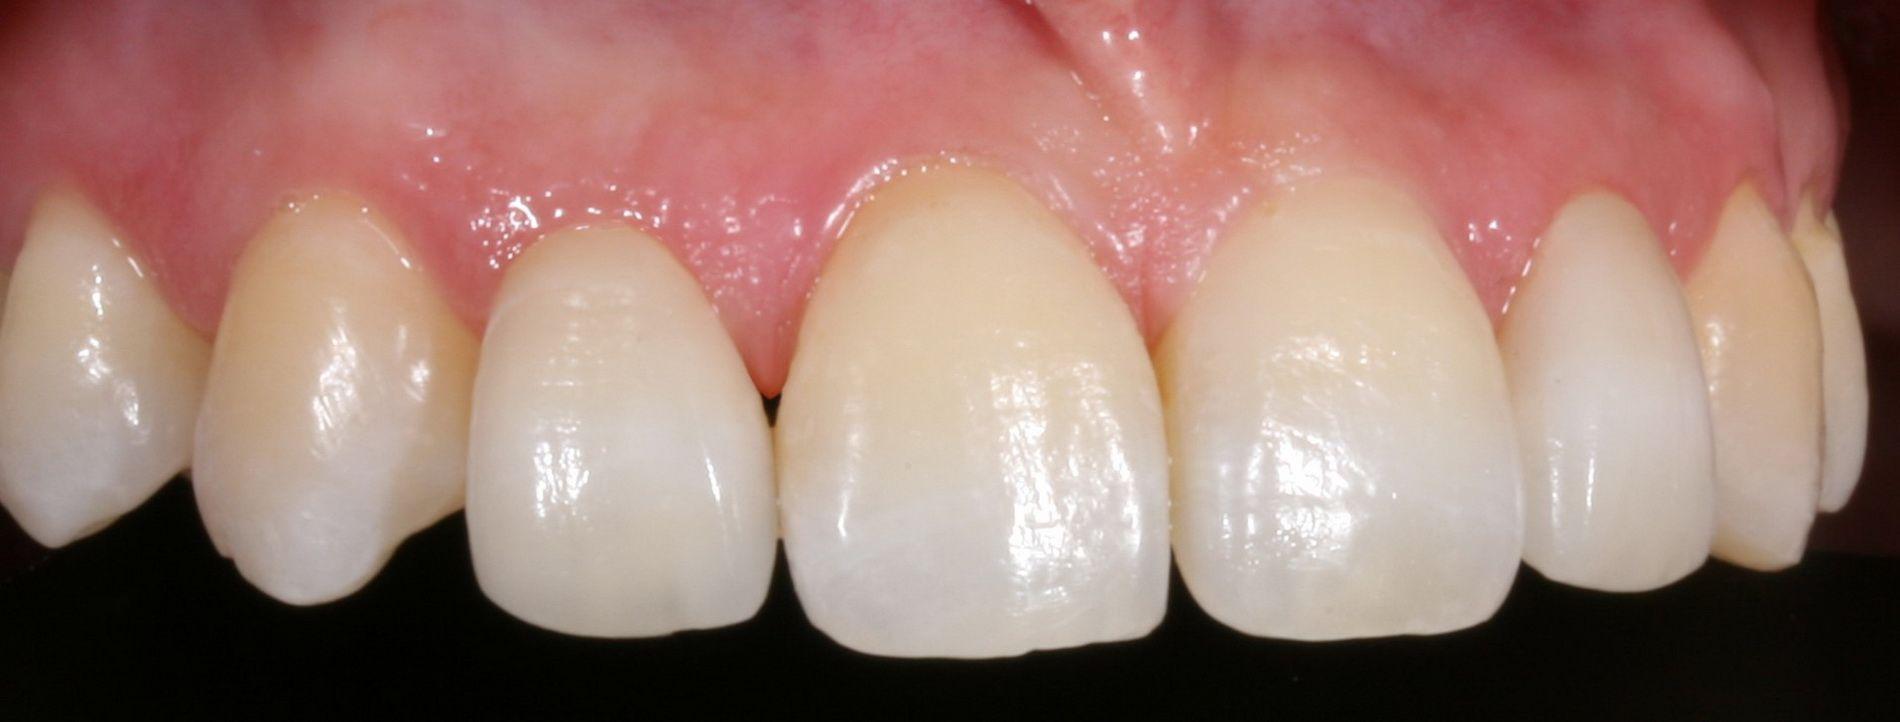 El sistema Cerec 3D de CAD-CAM dental permite confeccionar restauraciones dentales con una precisión de ajuste de 30 micras.